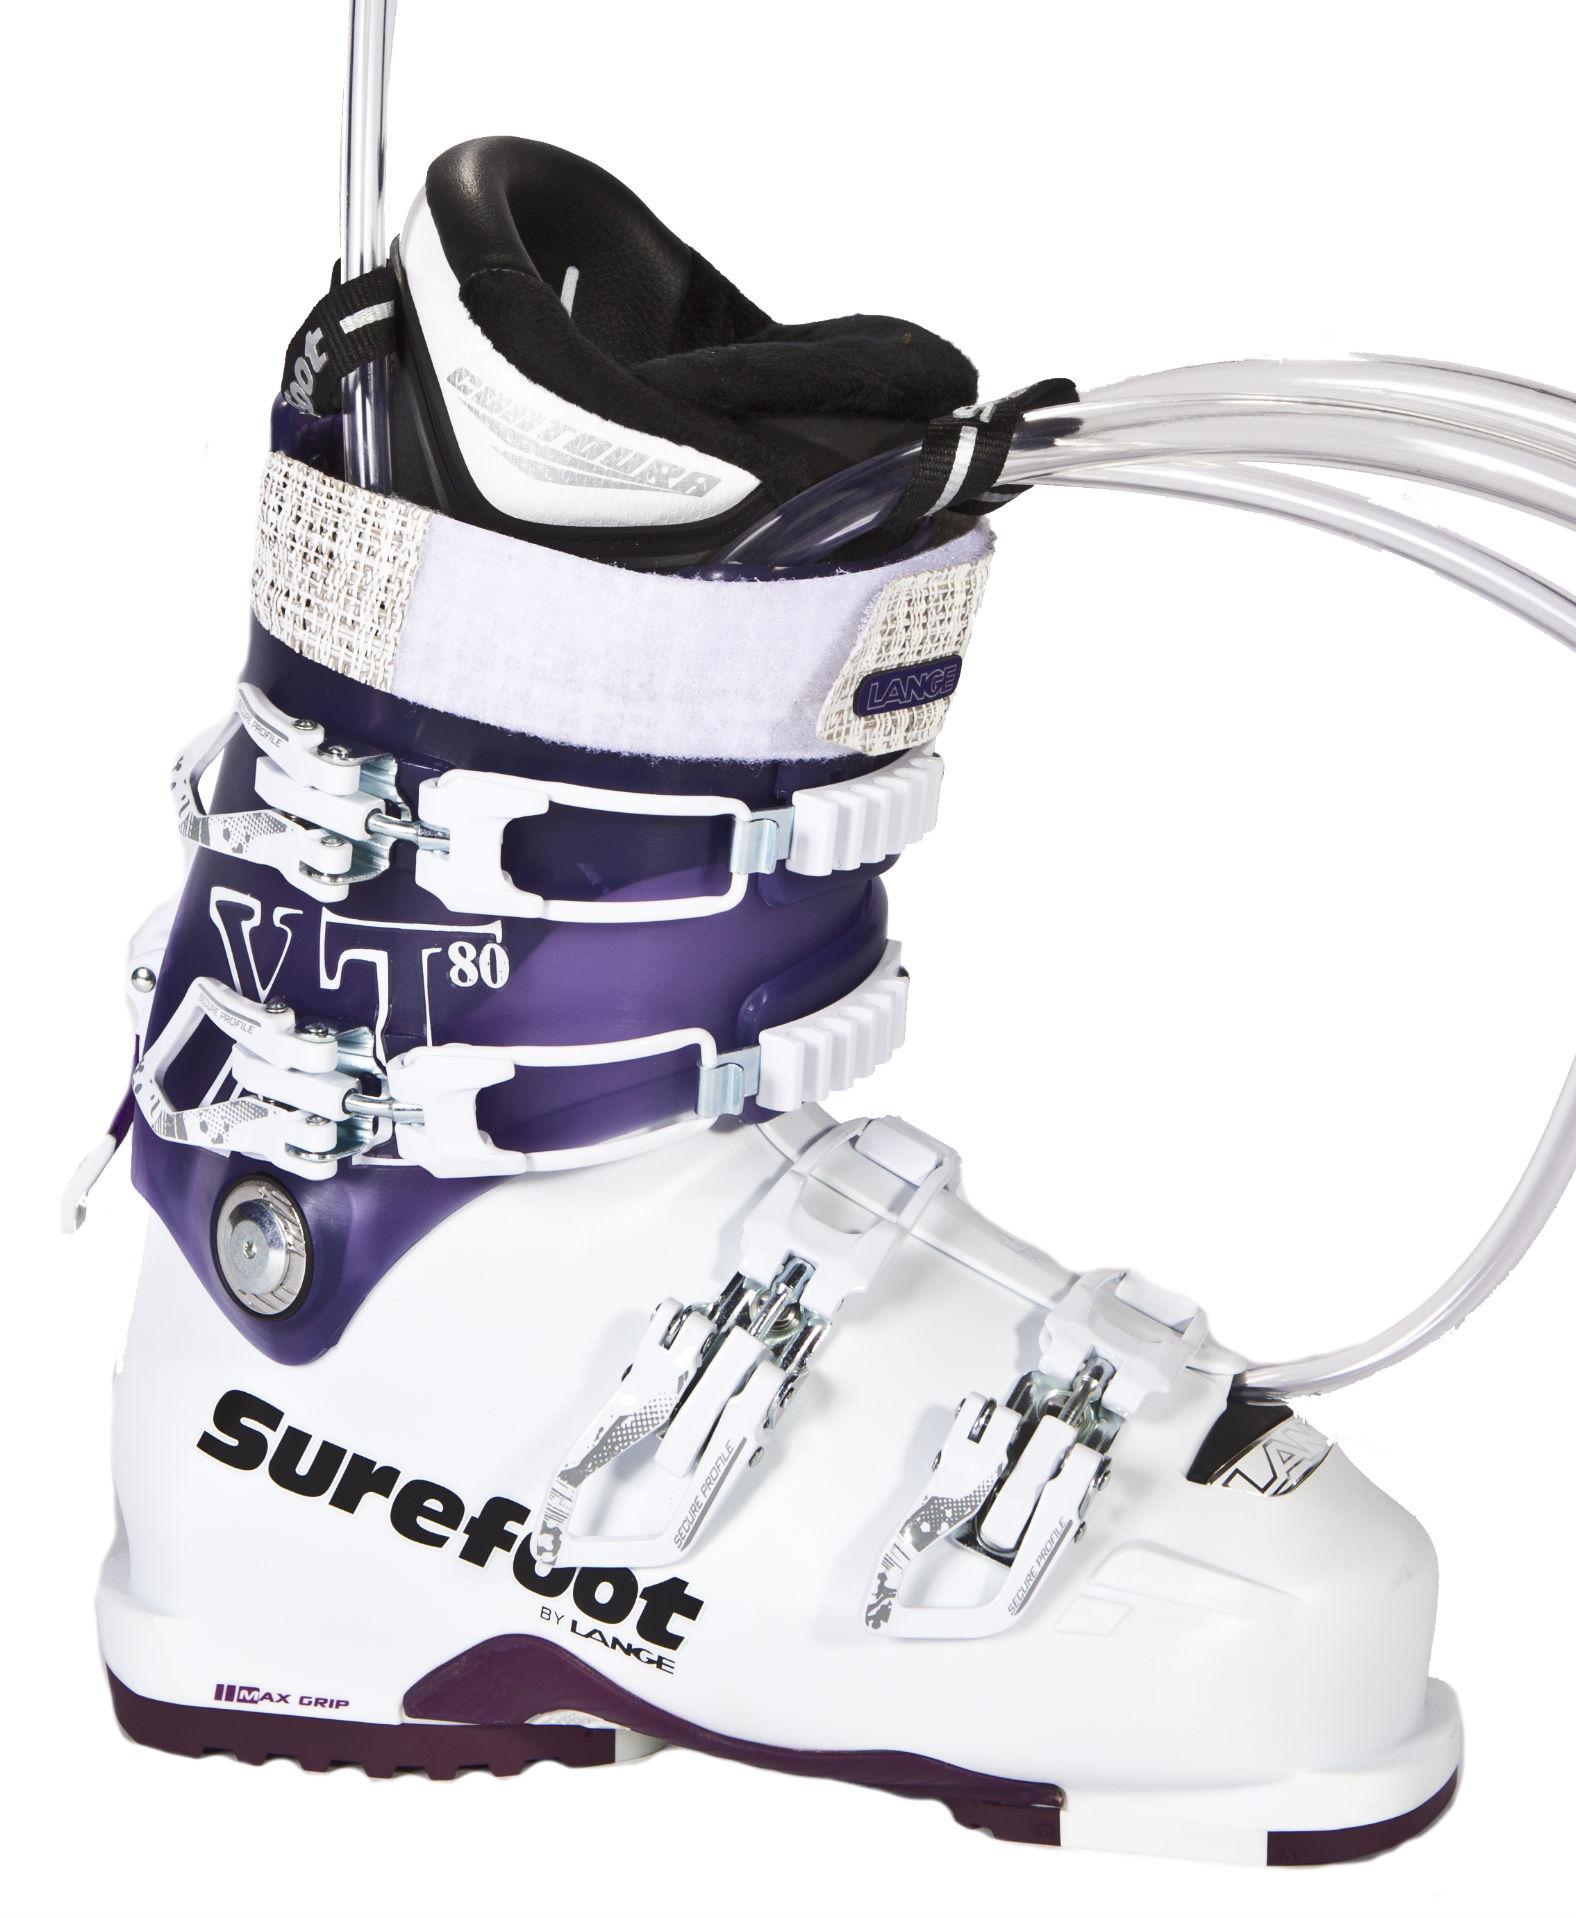 Women S Ski Boots Custom Ski Boots Comfortable Ski Boots